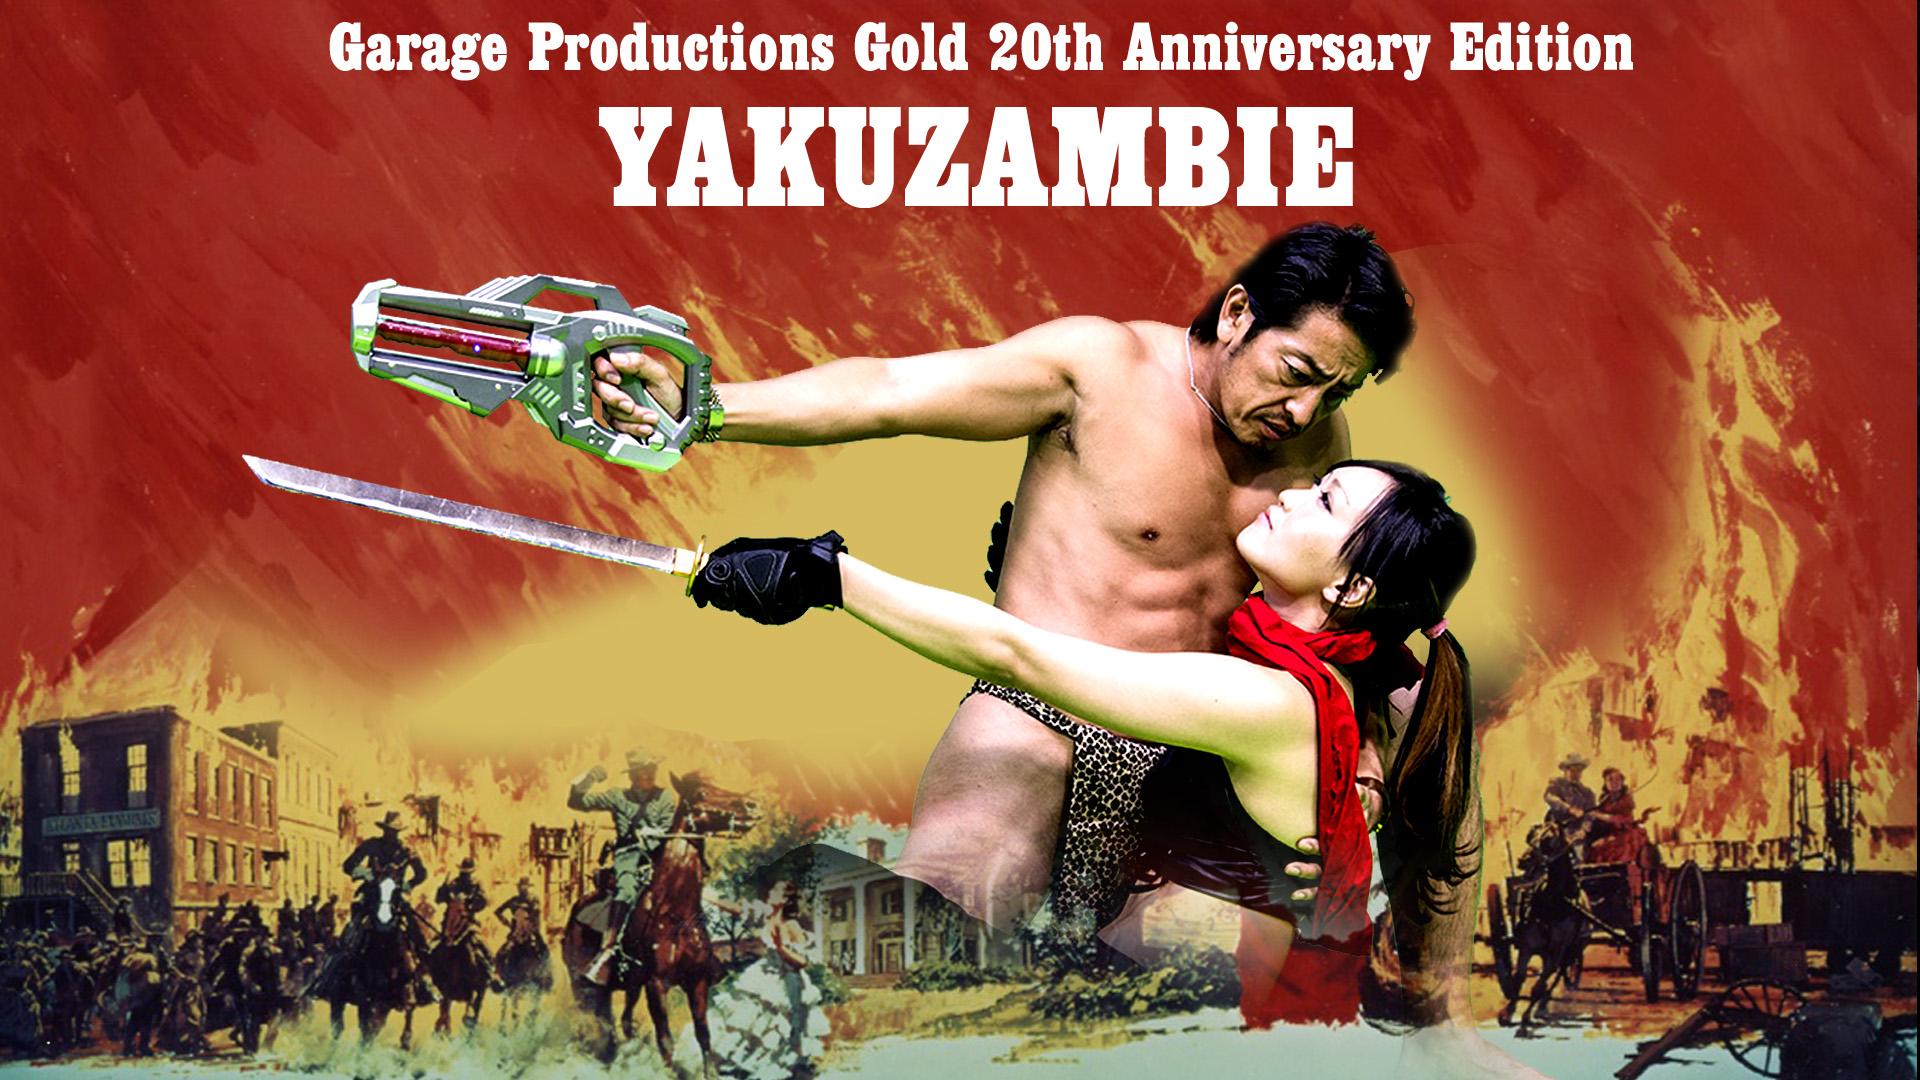 Yakuzambie-Gone-with-the-Yakuzambie-2.jpg